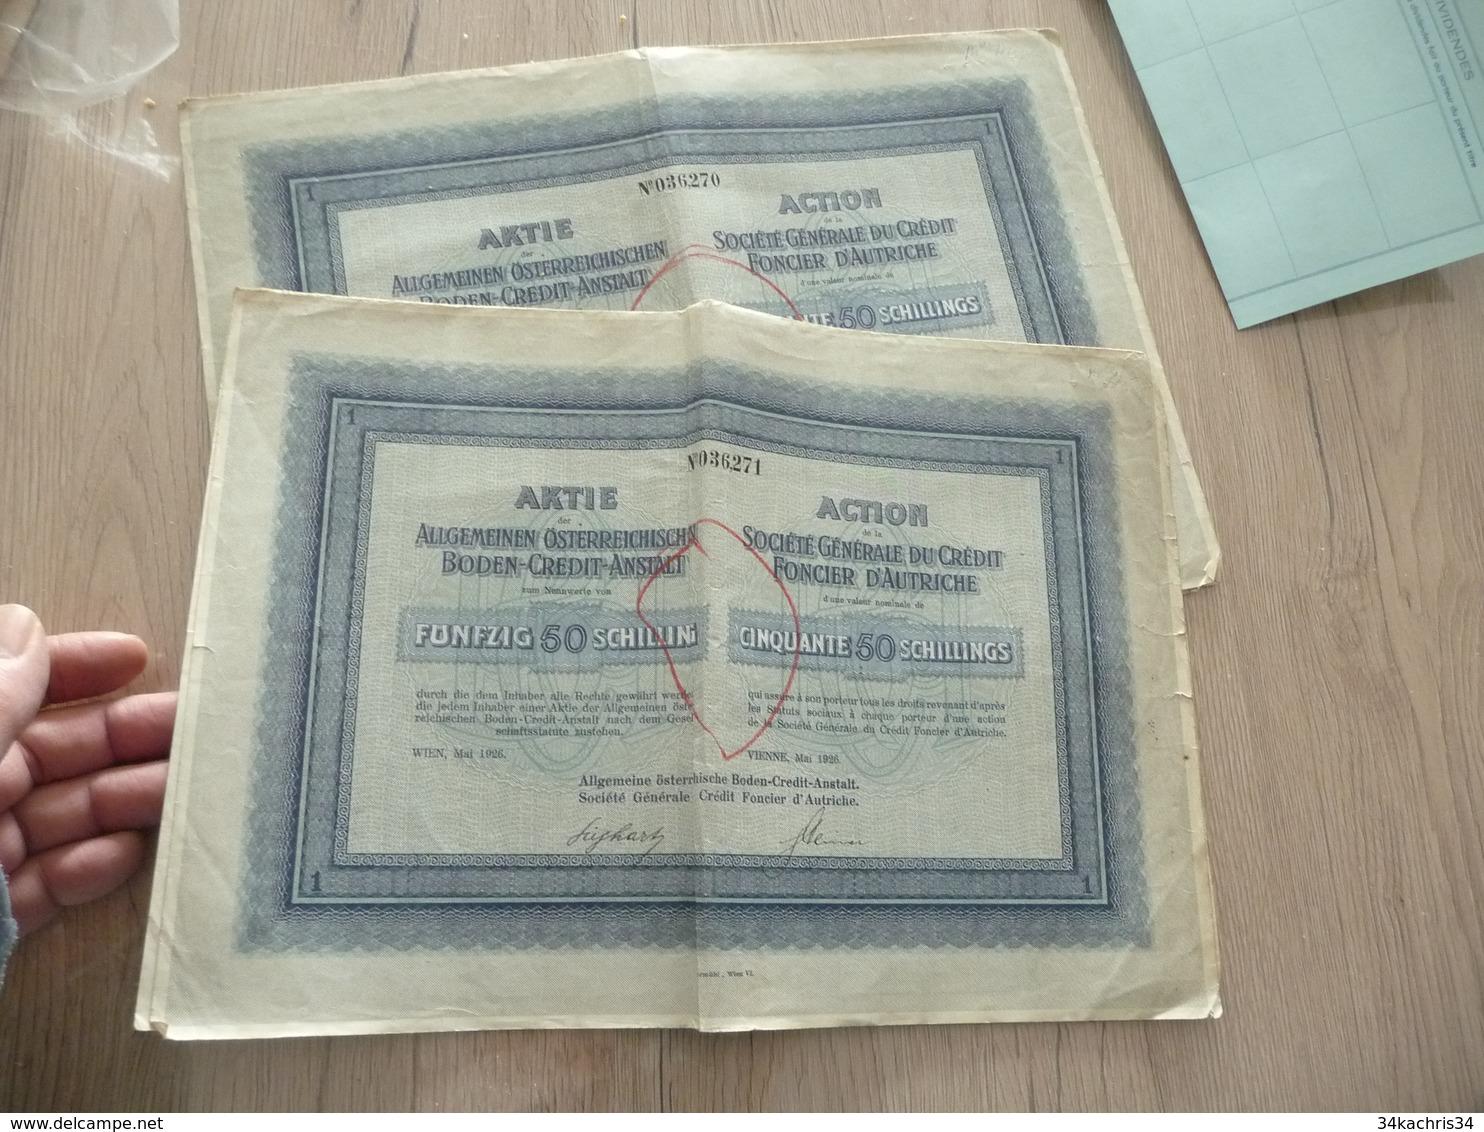 Action X 2 Crédit Foncier D'Autriche 1926 - Banque & Assurance